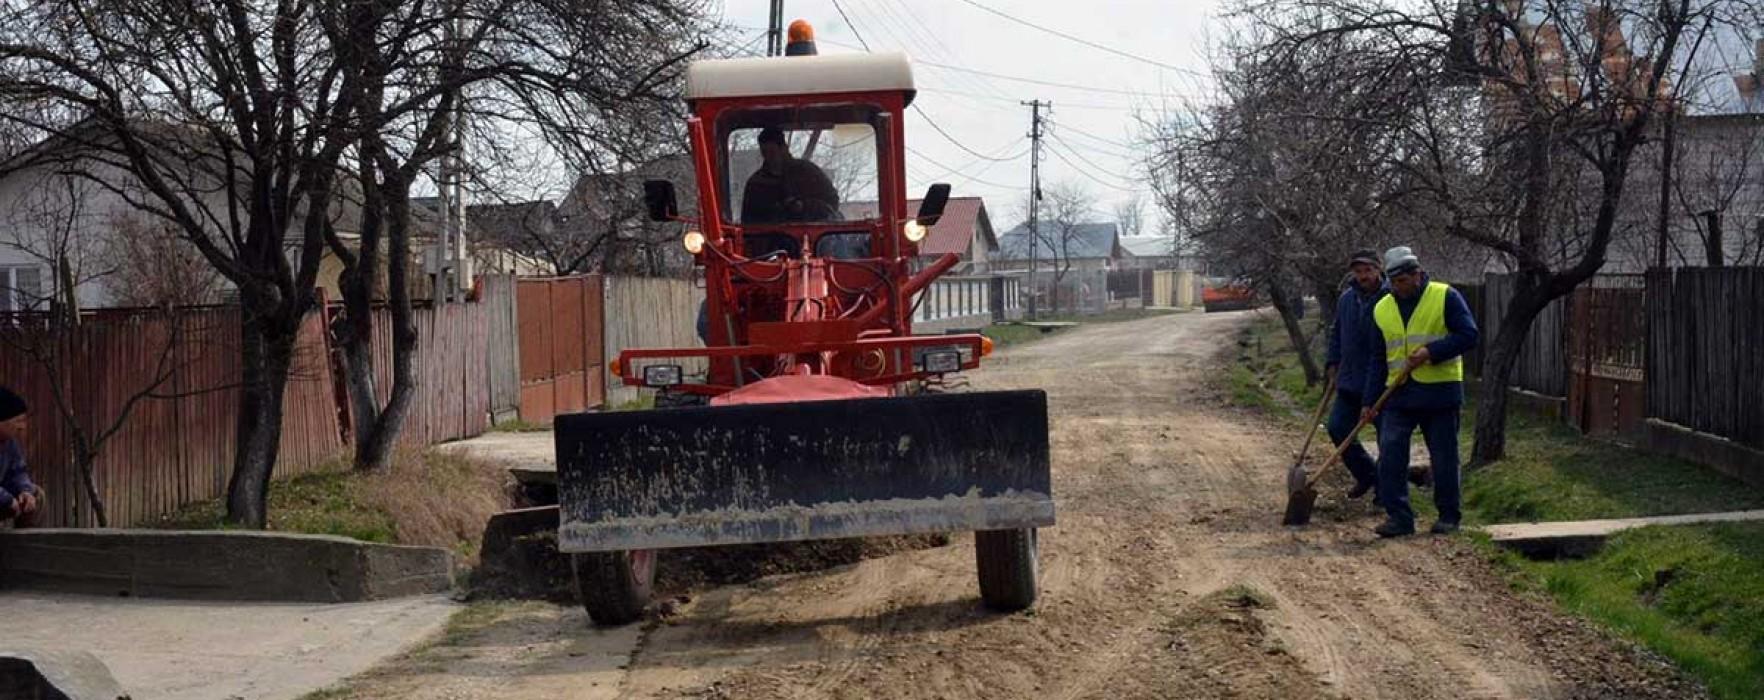 Târgovişte: Reabilitare de străzi în cartierul Priseaca